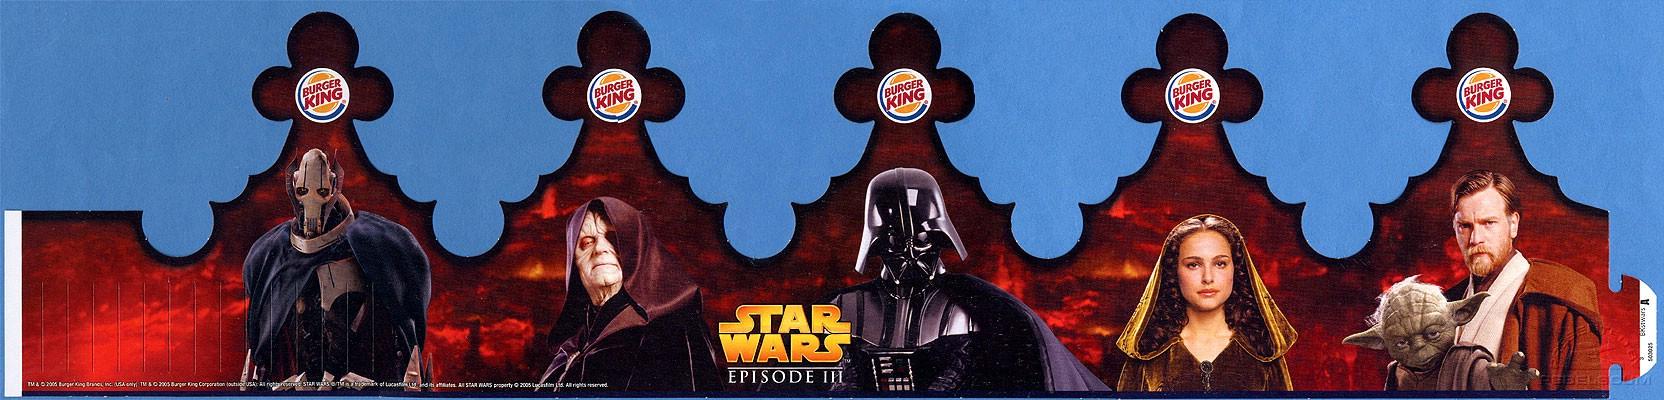 Burger King Star Wars Crown